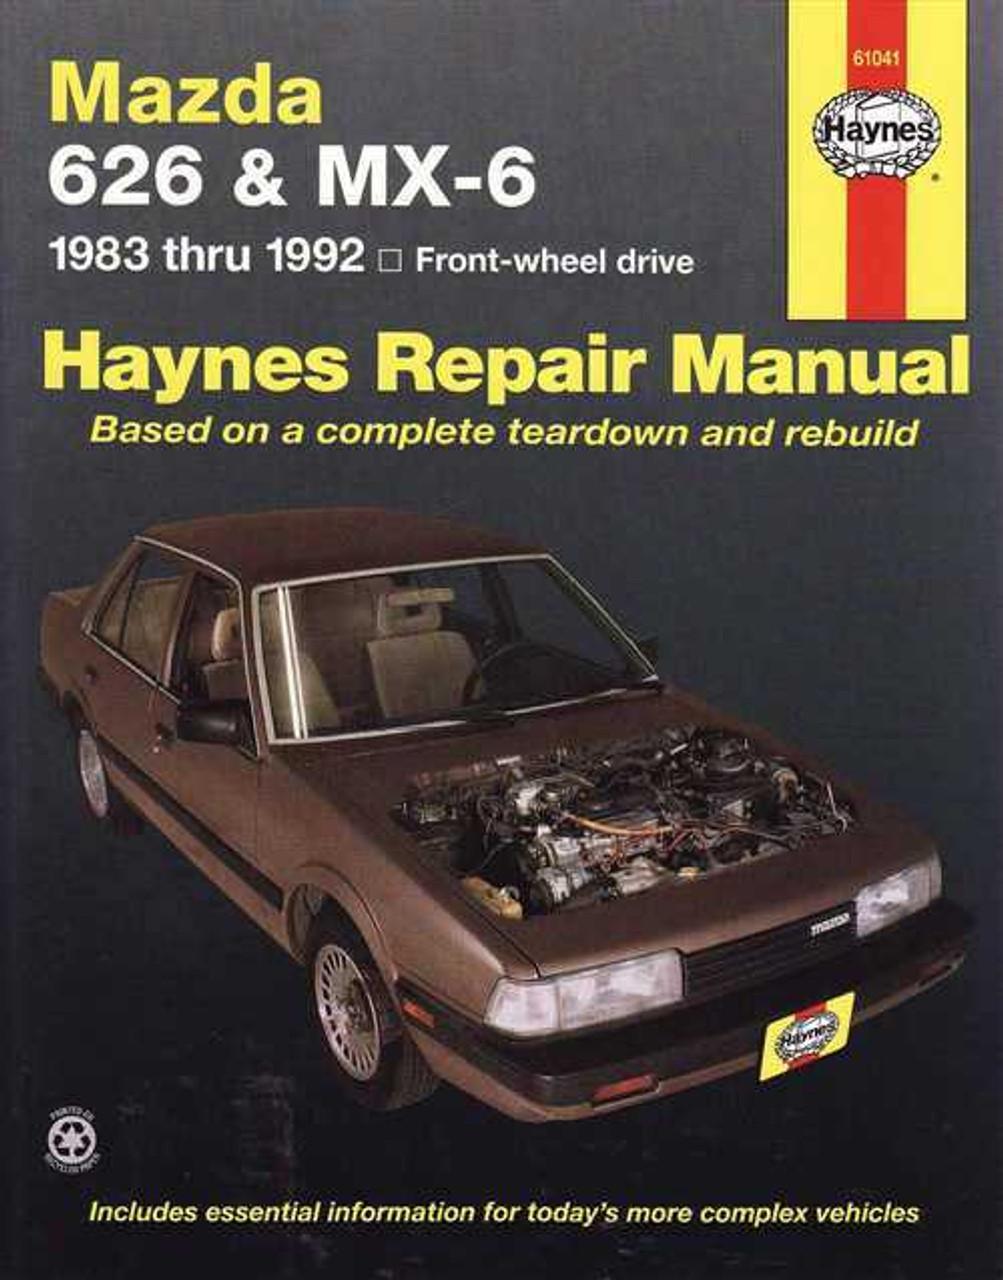 mazda 626 amp mx 6 1983 1992 workshop manual rh automotobookshop com au 1990 Mazda 626 1992 mazda 626 ge workshop manual